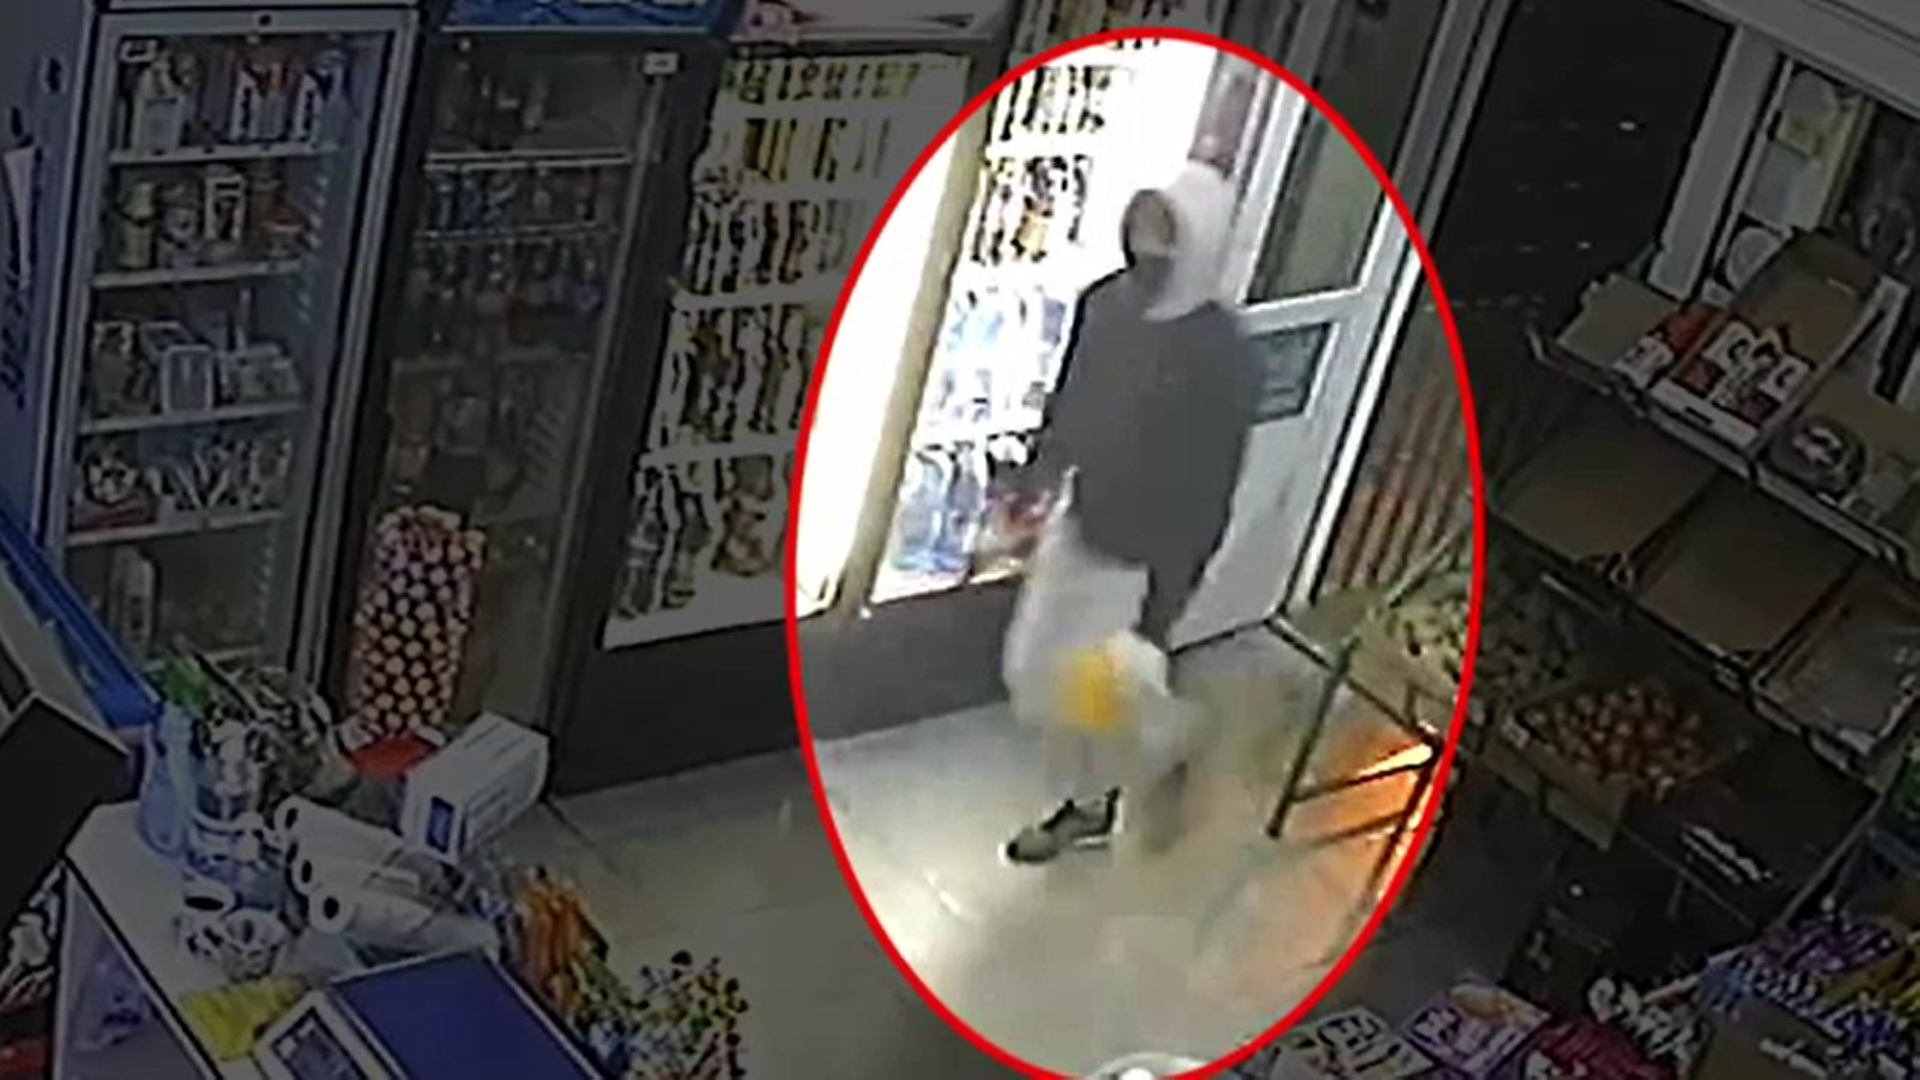 Tentativă de jaf armat la Galaţi. Polițiștii au prins un tânăr care a încercat să jefuiască un magazin